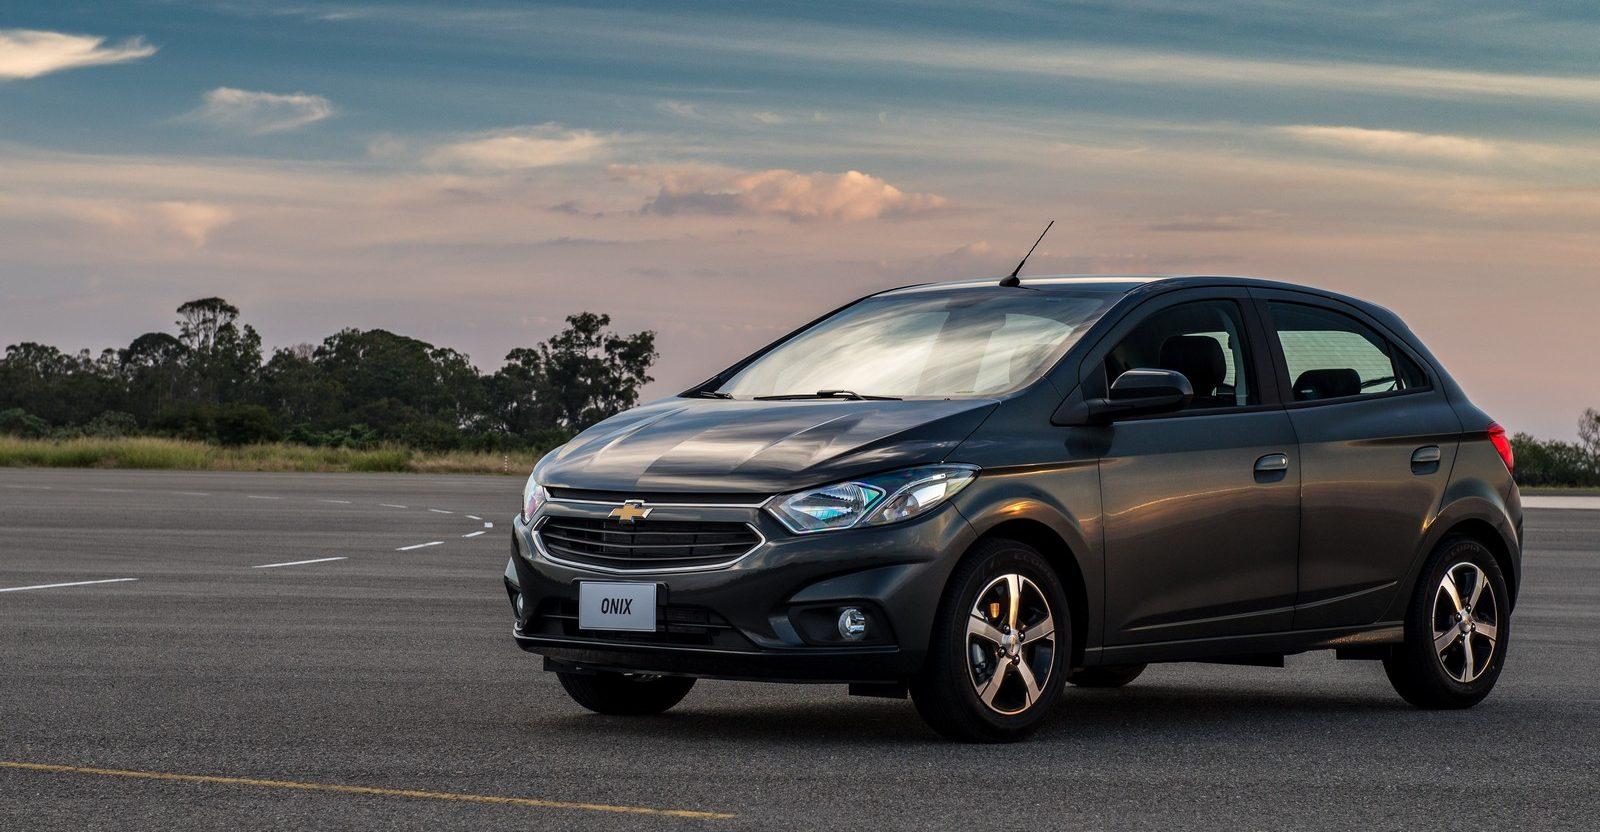 Os 20 carros mais vendidos do Brasil em agosto - Motor Show b1f10a4a32